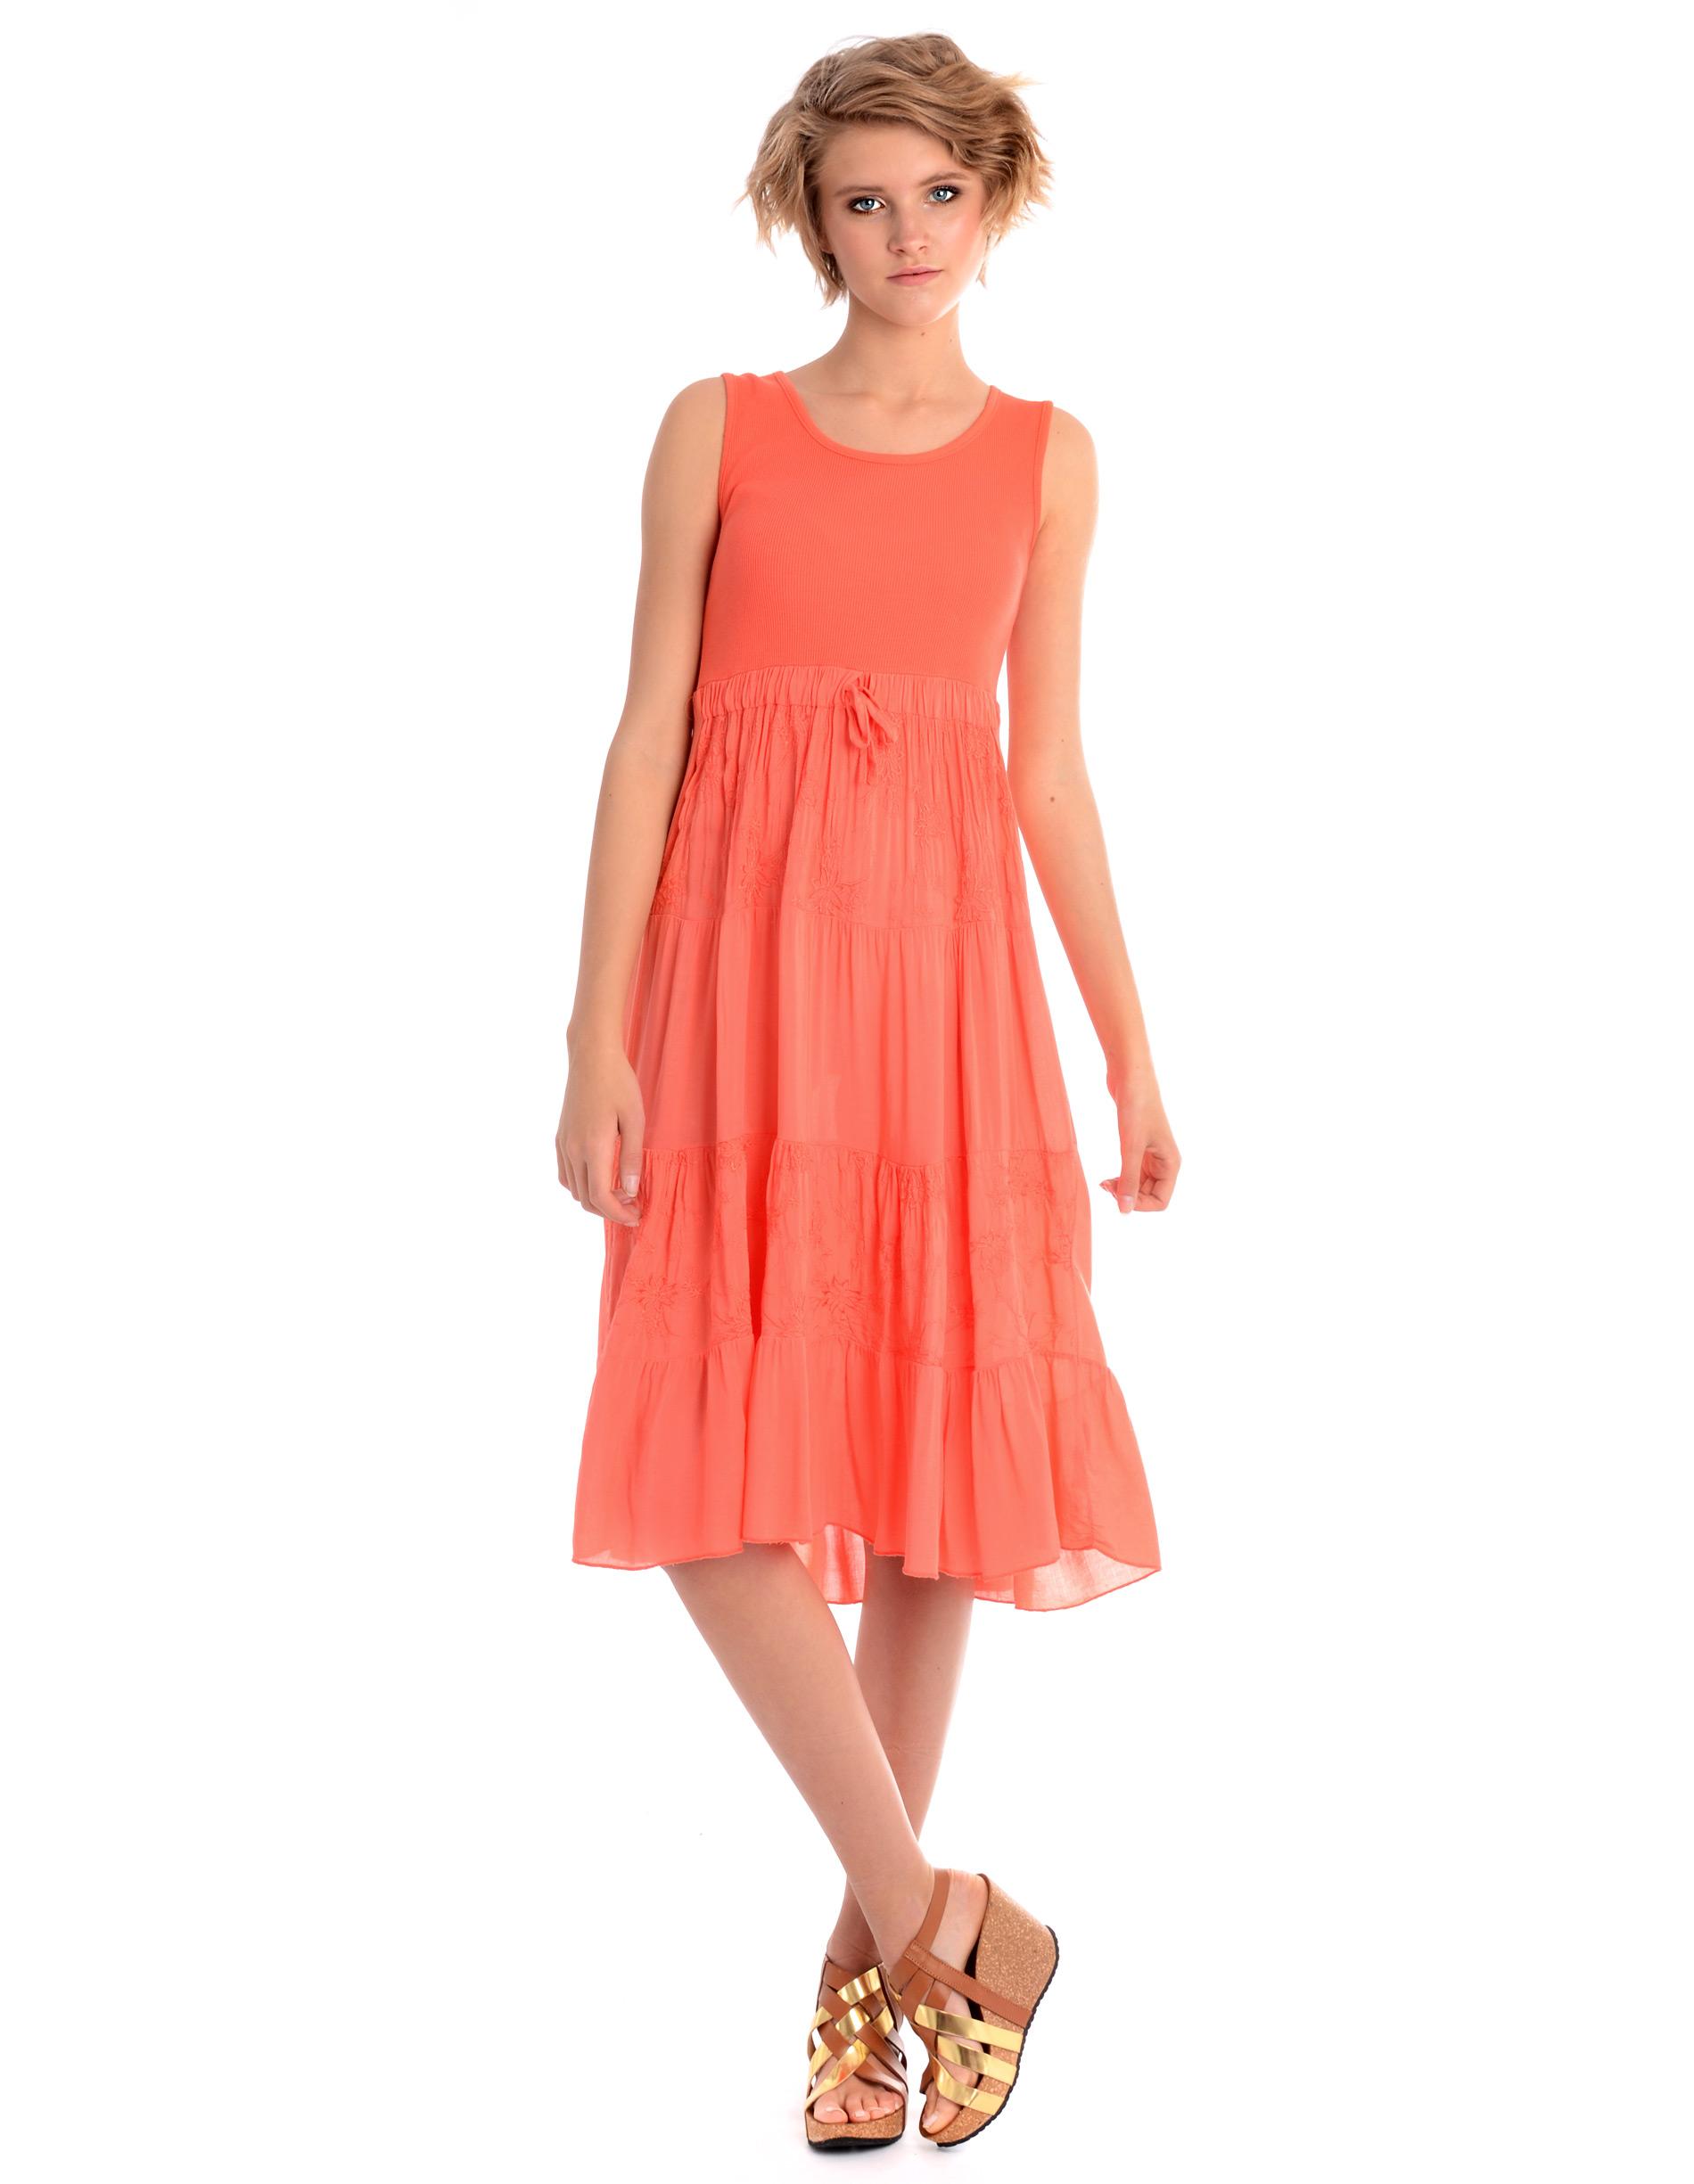 Sukienka - 36-8326 CORAL - Unisono